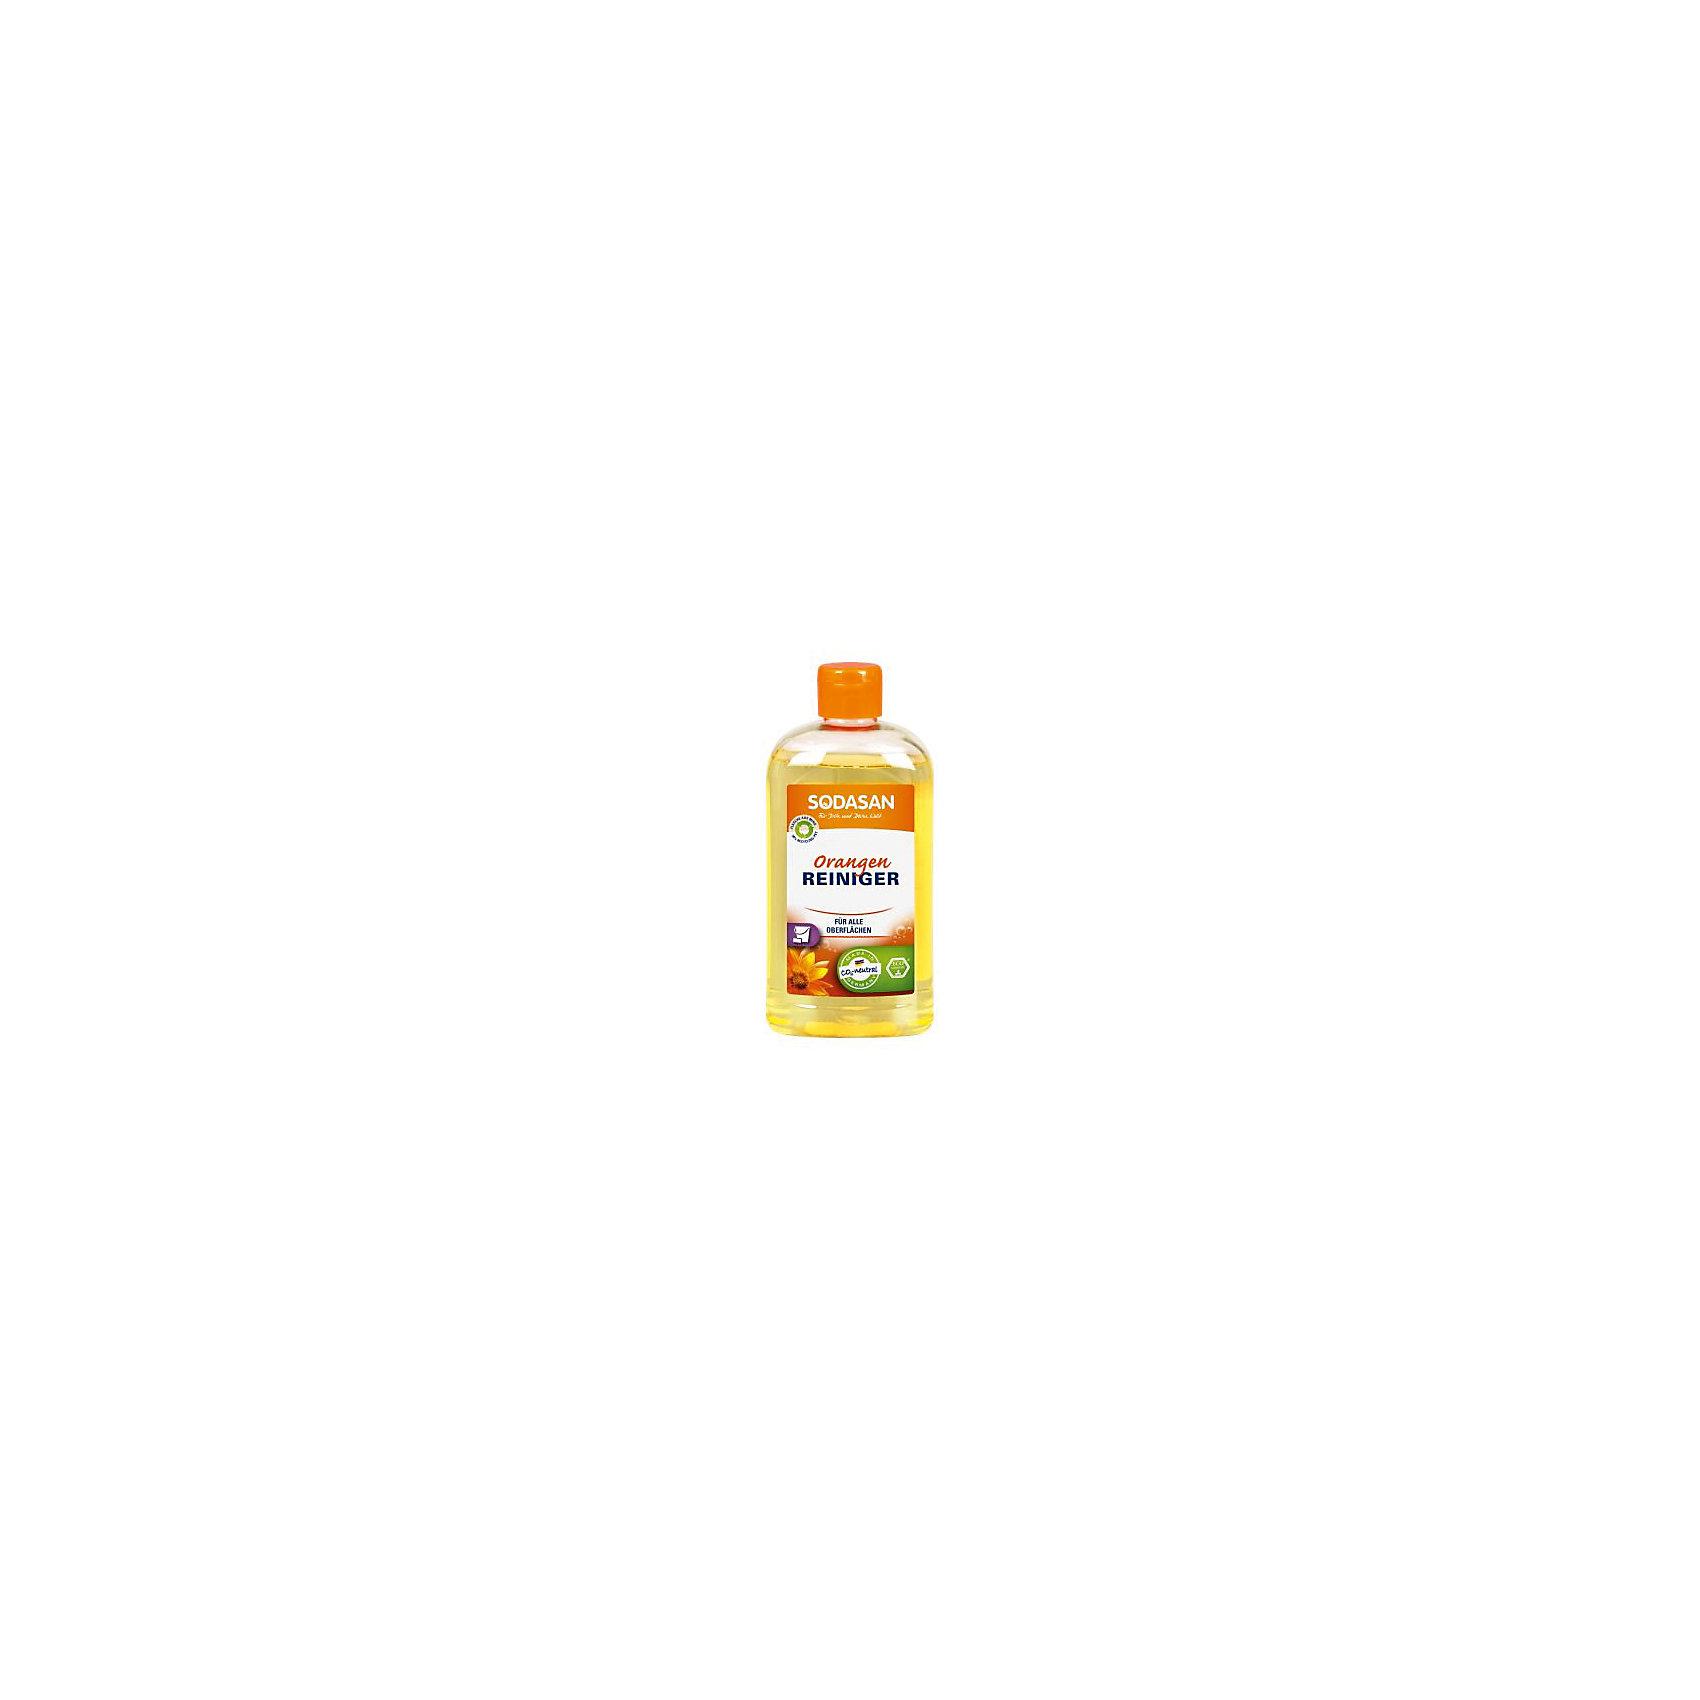 Средство универсальное моющее апельсин 500мл, SodasanБытовая химия<br>Универсальный очиститель с растворяющим действием<br>Преимущества:<br><br>универсальность применения, универсальный очиститель<br>естественный, свежий апельсиновый аромат<br>высококонцентрированный и эффективный<br>без красителей или консервантов<br>Использование:<br>Для тщательной очистки всех гладких, очищаемых поверхностей. Оставляет естественный свежий запах апельсинов.<br><br>Экологические преимущества:<br>Очищающее действие основано на естественном растворяющем свойстве апельсинового масла. Продукт является CO2-нейтральным. Мы используем только электроэнергию Greenpeace energy, следовательно, на 100% обходимся без ядерной энергии.<br><br>Ширина мм: 250<br>Глубина мм: 100<br>Высота мм: 250<br>Вес г: 500<br>Возраст от месяцев: 216<br>Возраст до месяцев: 1188<br>Пол: Унисекс<br>Возраст: Детский<br>SKU: 5407628